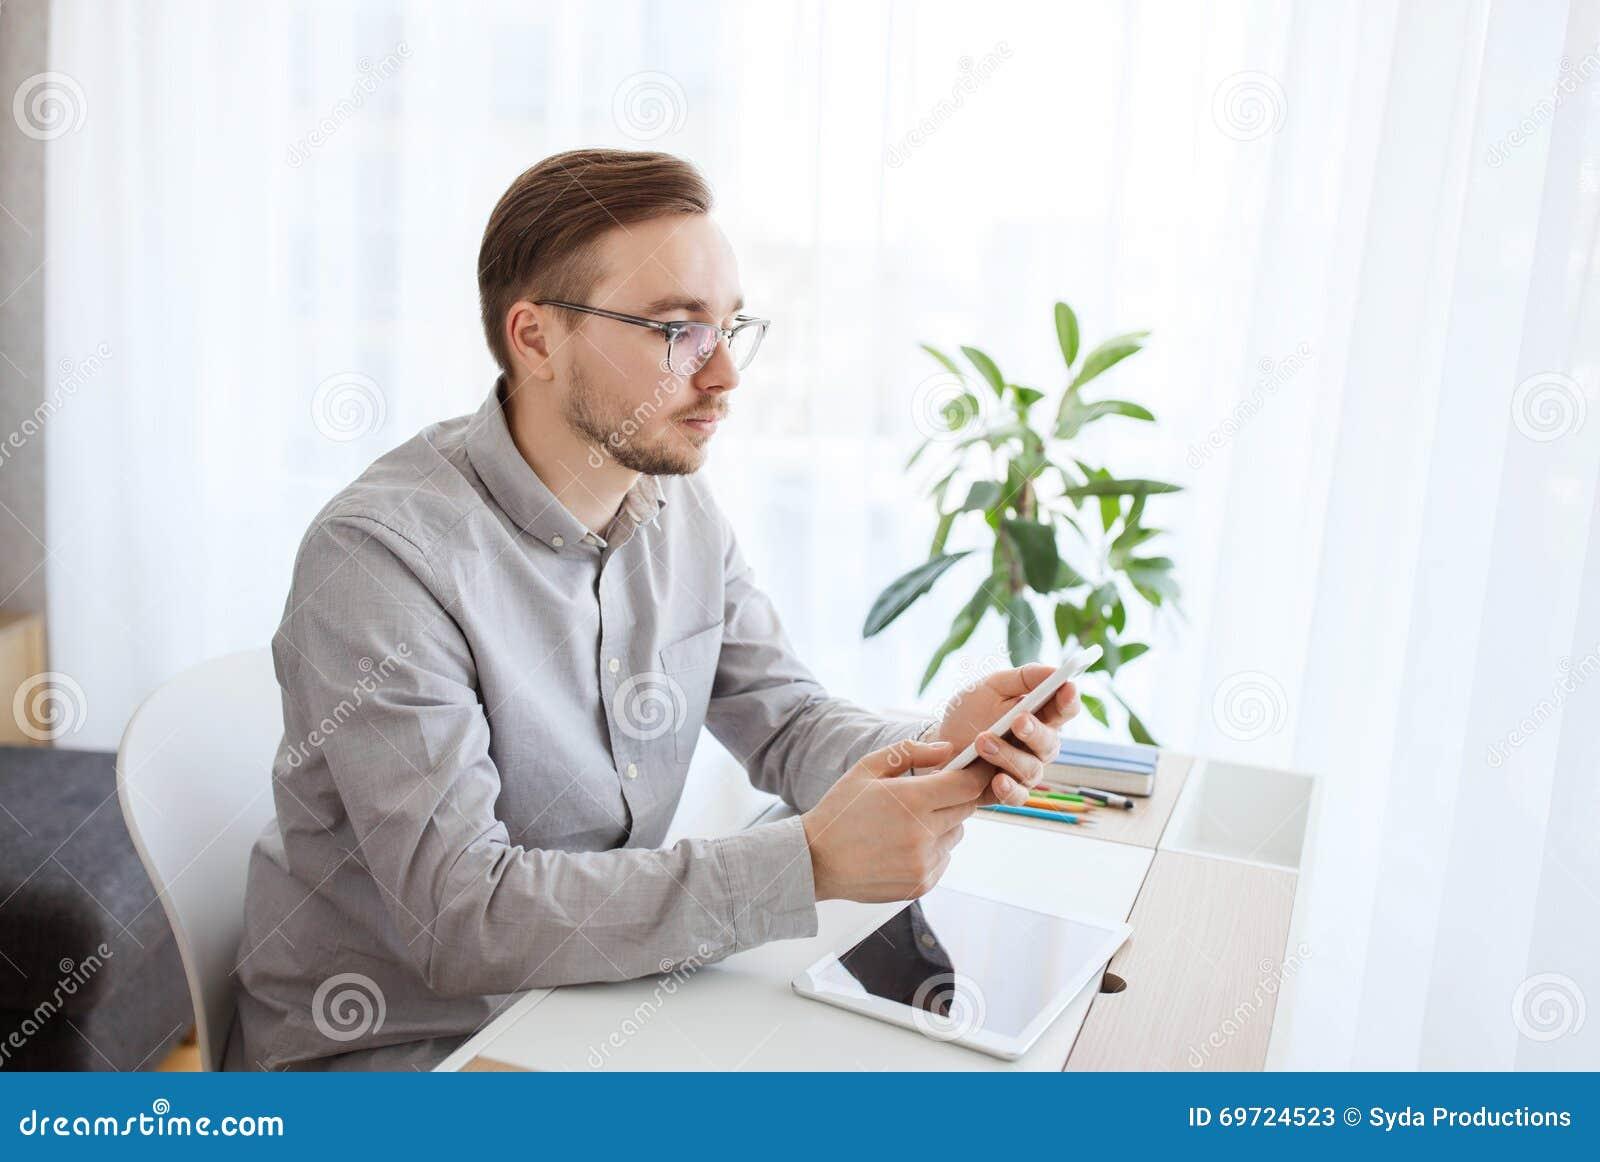 Oficinista de sexo masculino creativo que manda un sms en for Que es un oficinista